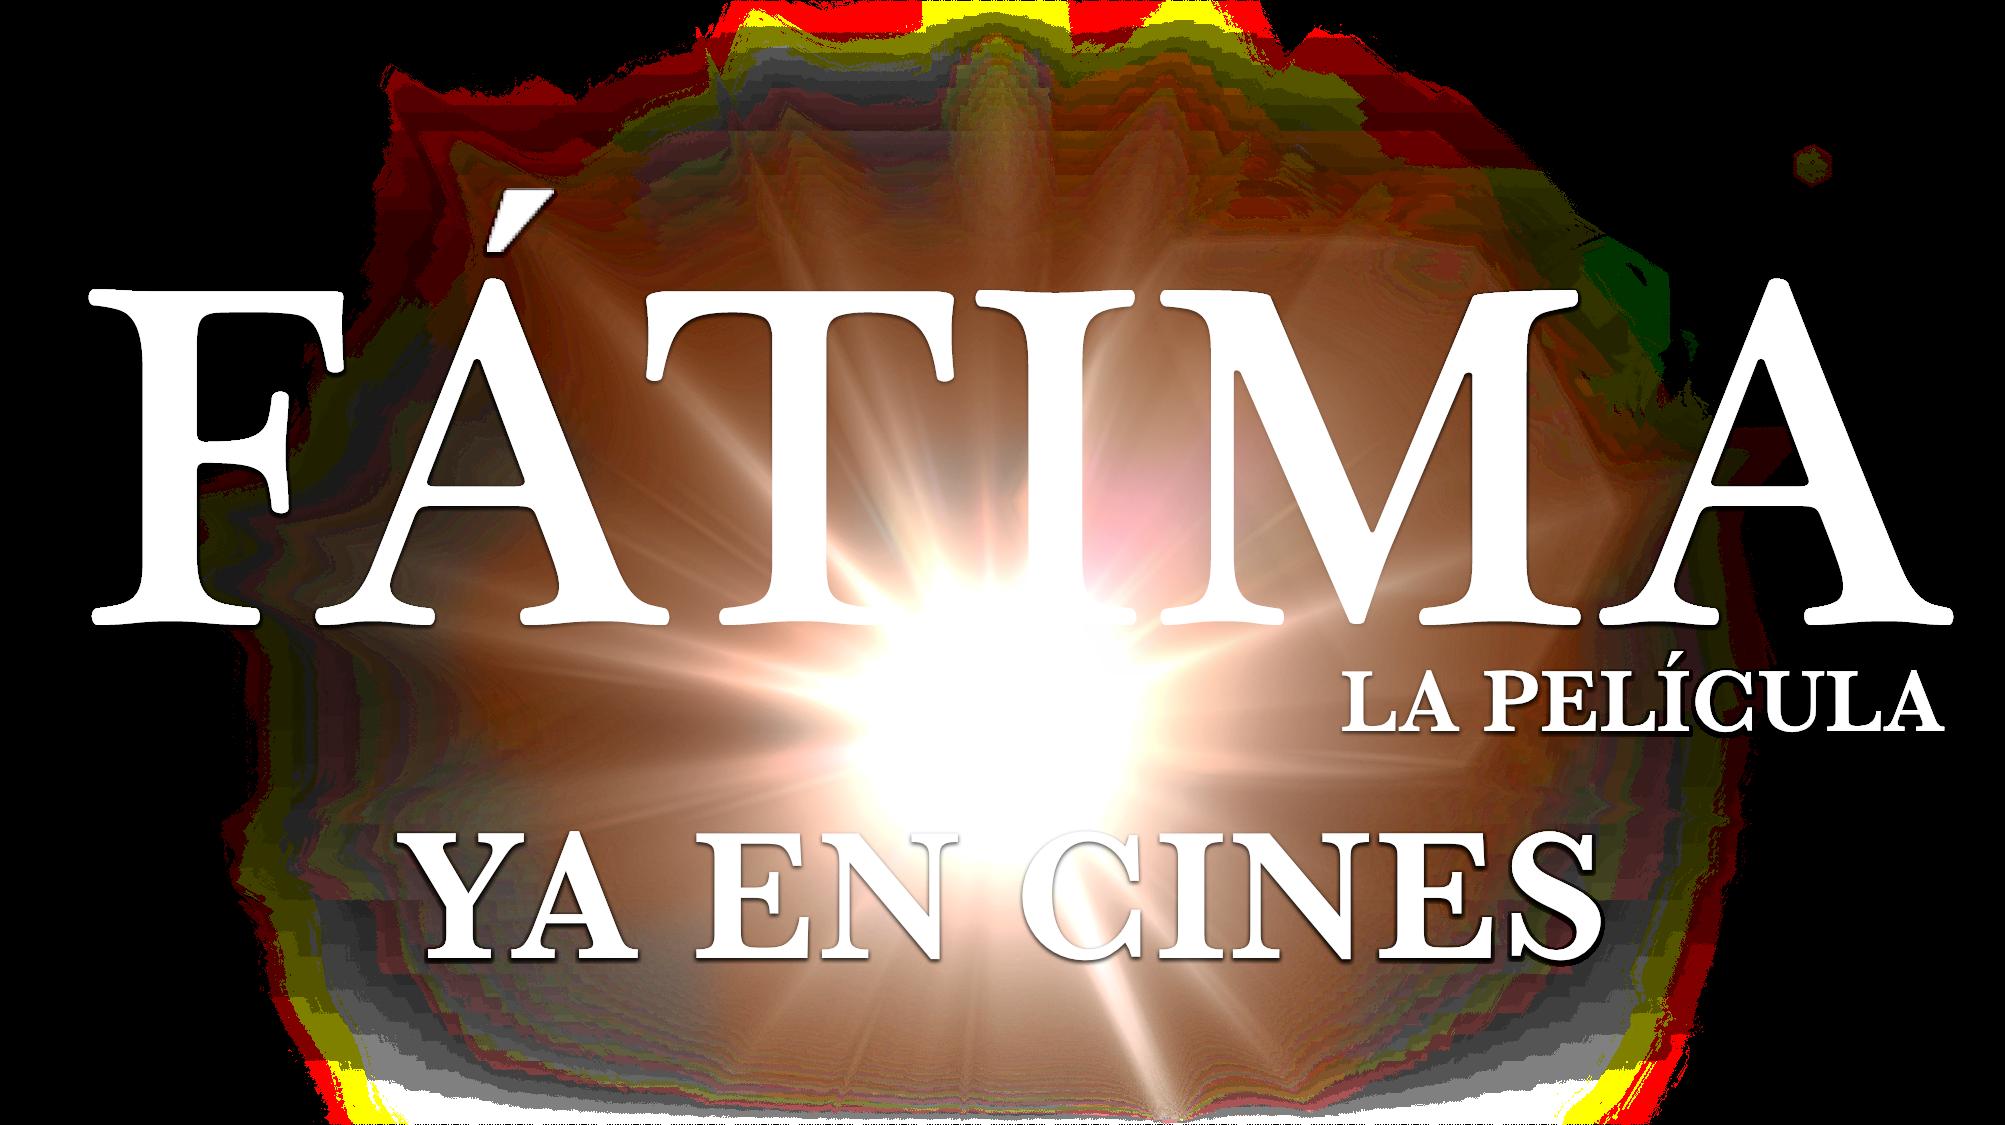 Título de Fátima. La película